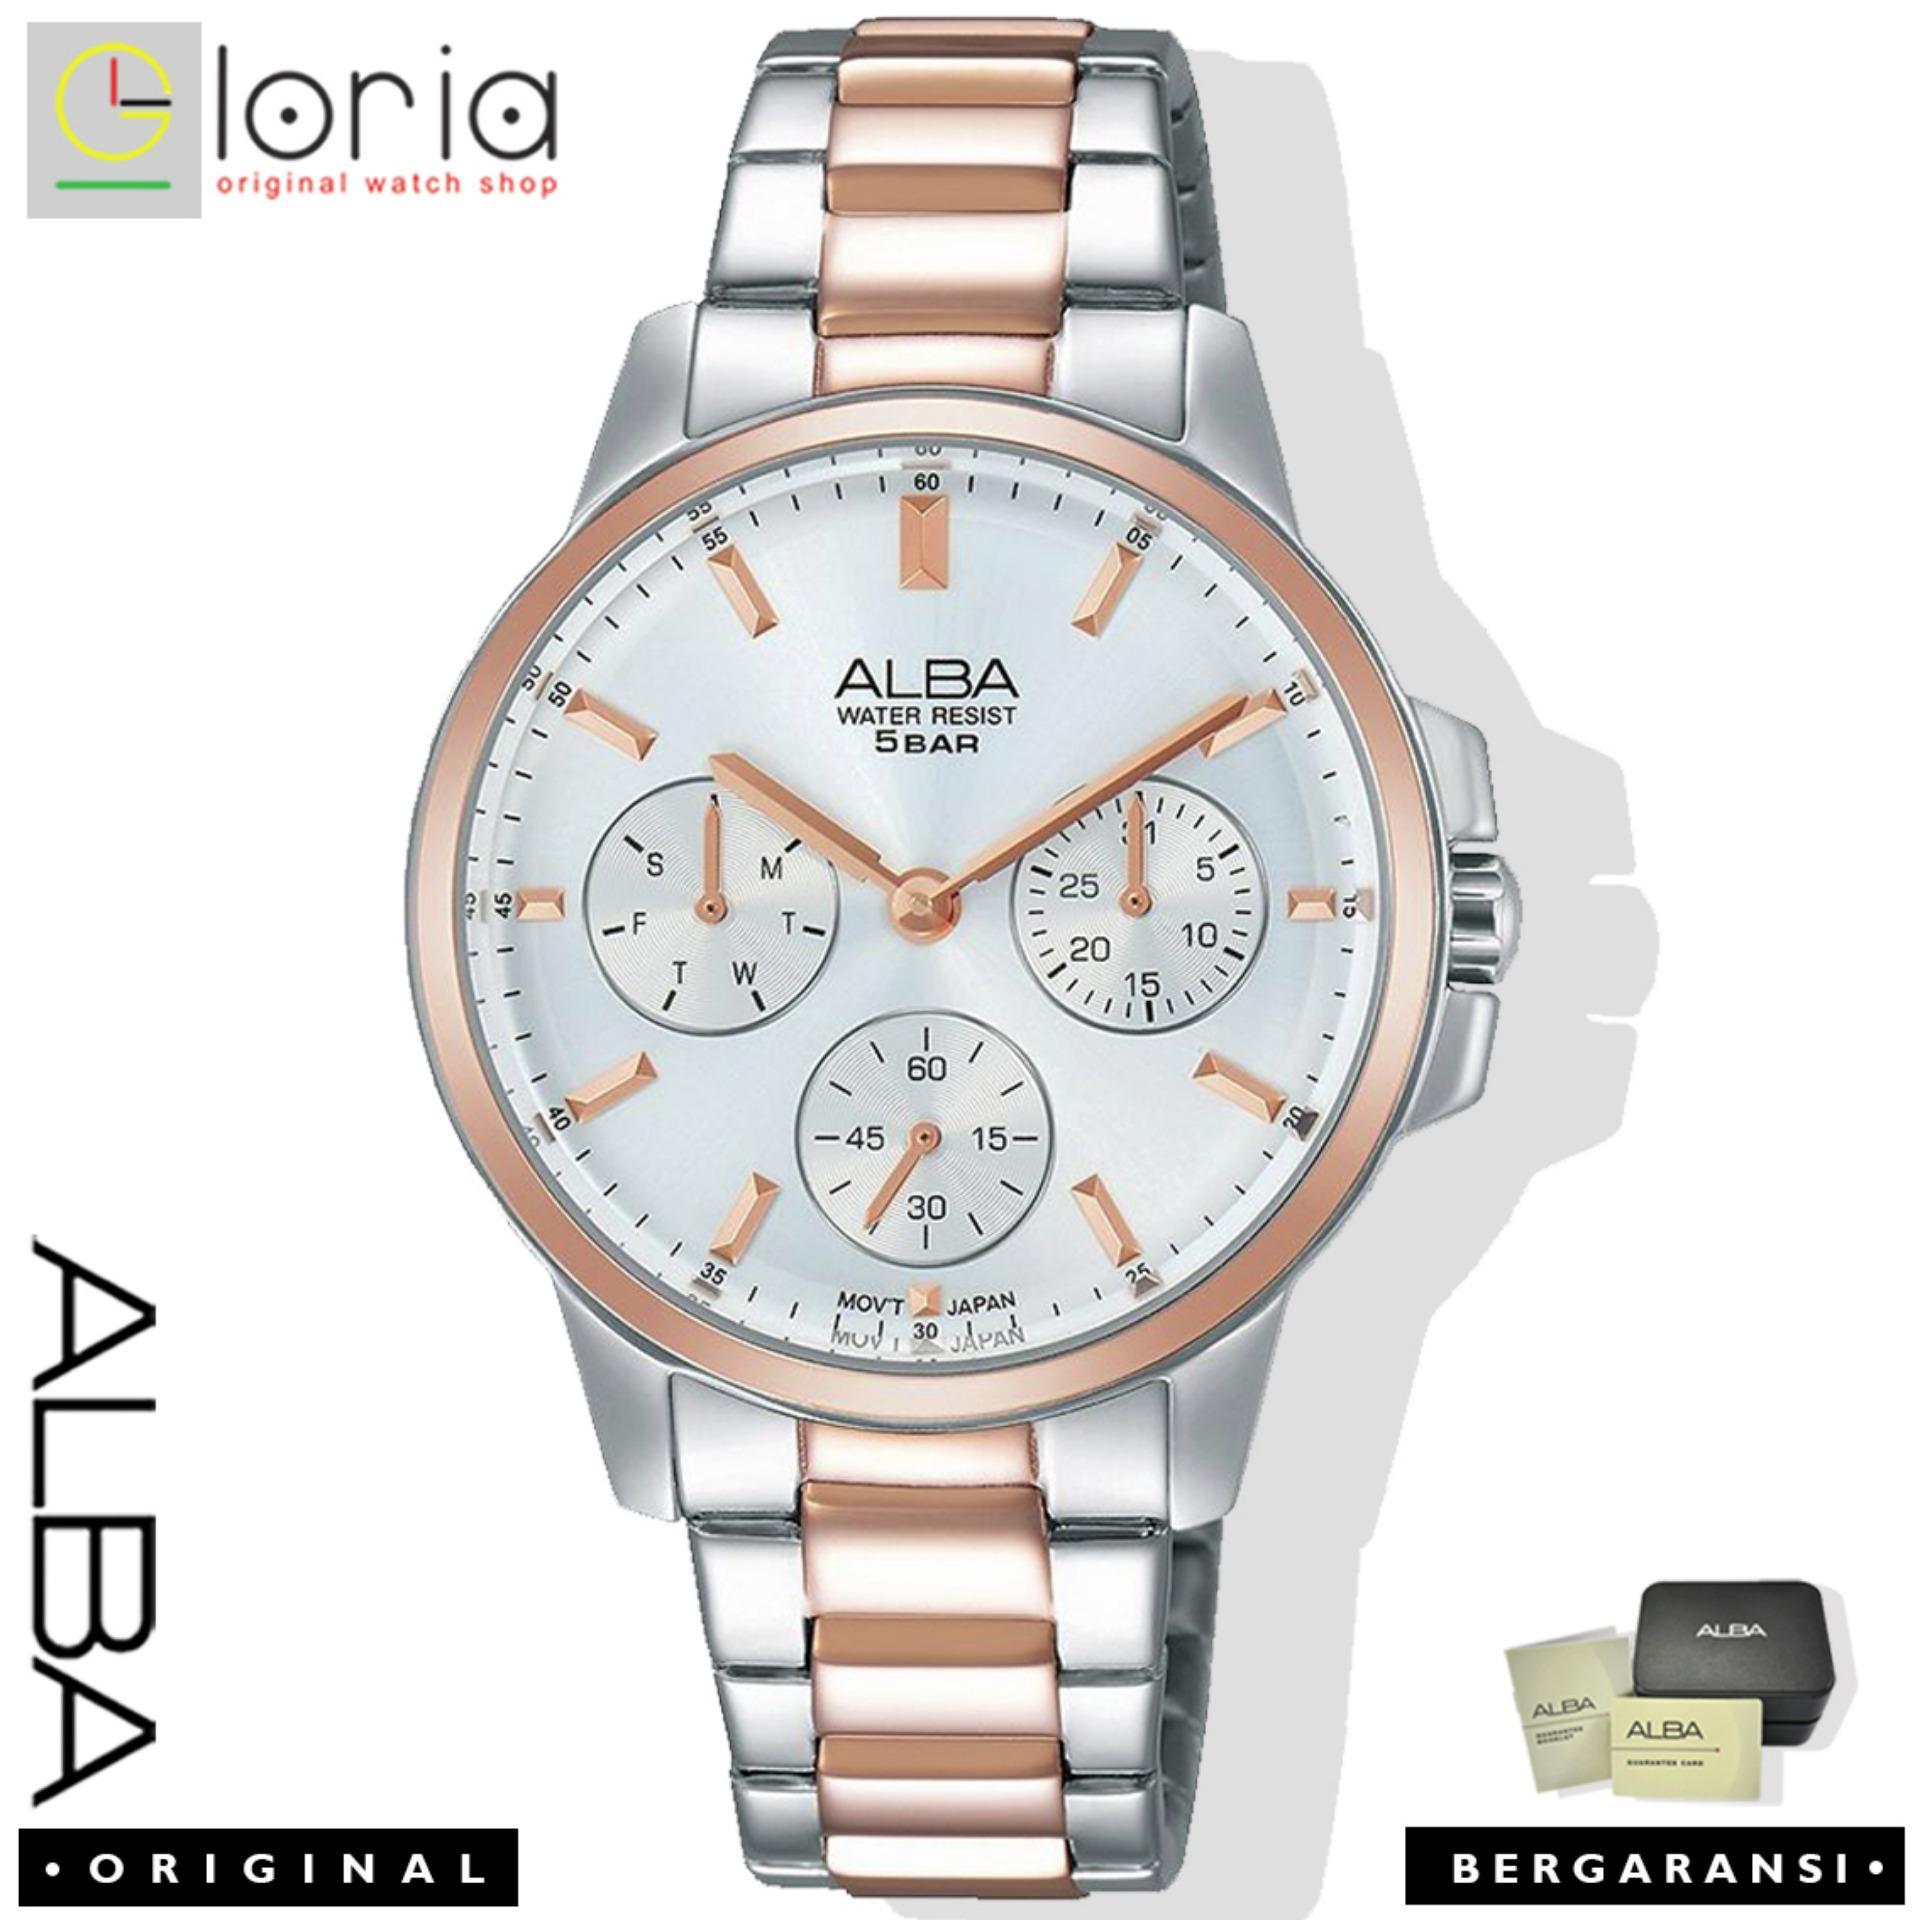 Alba Fashion Jam Tangan Wanita - Tali Stainless Steel - Silver RoseGold - AP6484X1